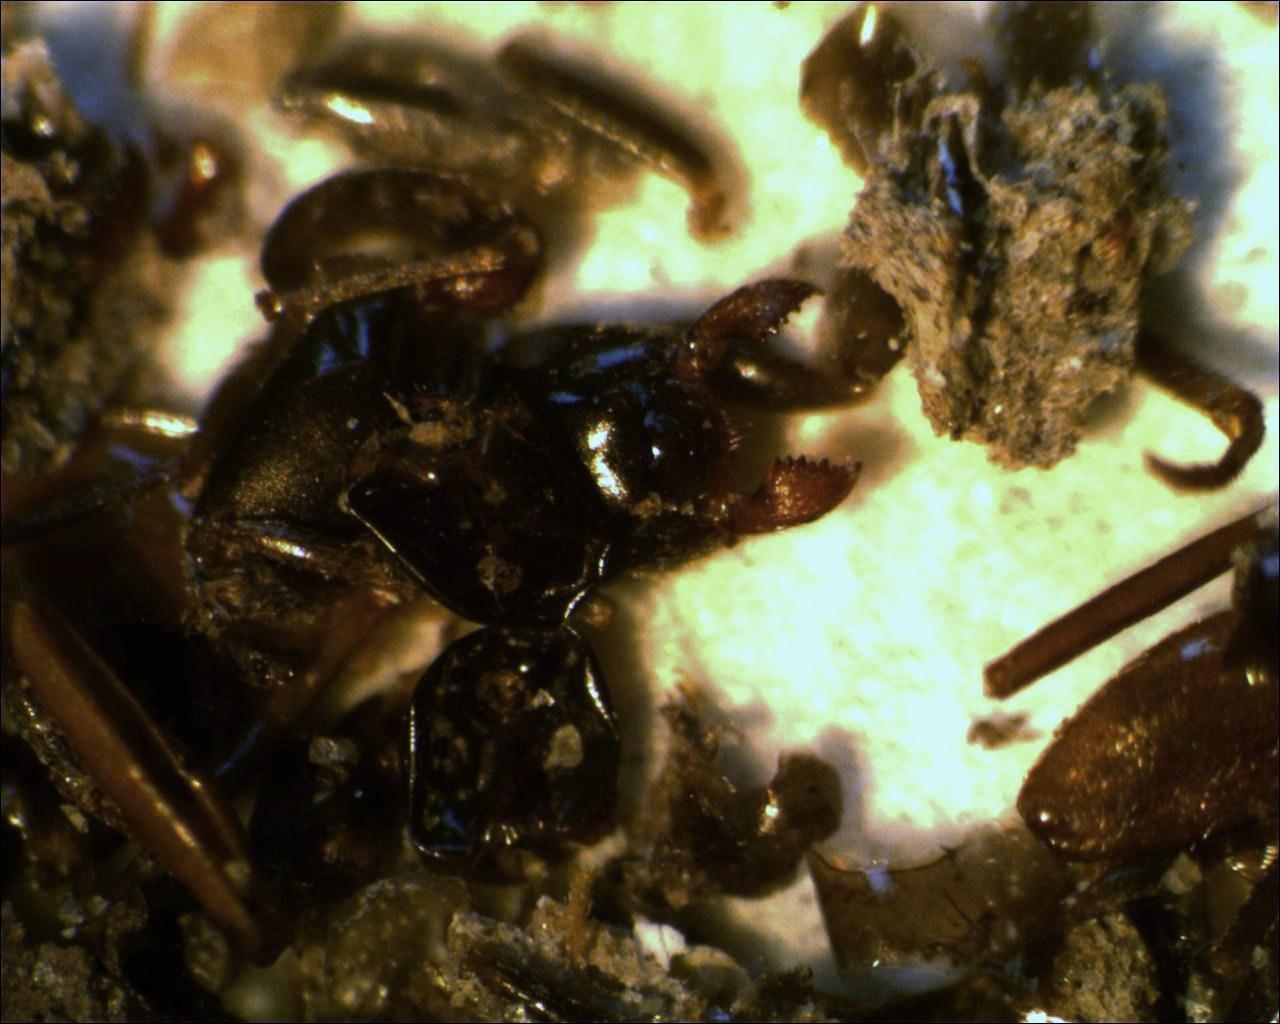 Quel oiseau laisse des fientes presque entièrement composées de fourmis ?